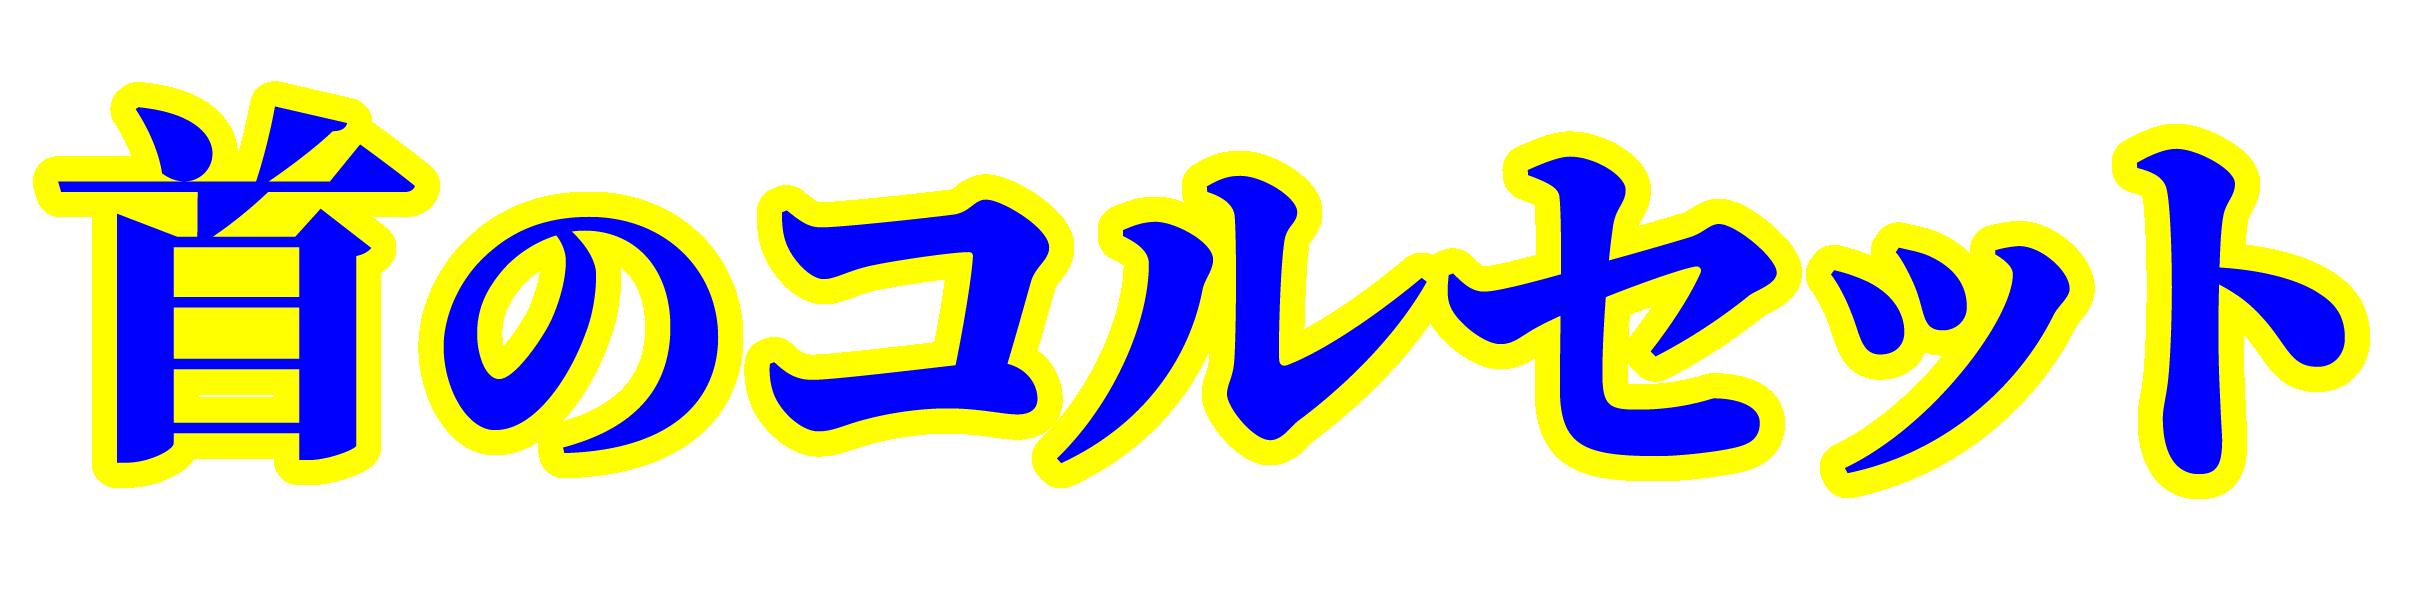 「首のコルセット」文字デザインイラスト!無料ダウンロード素材